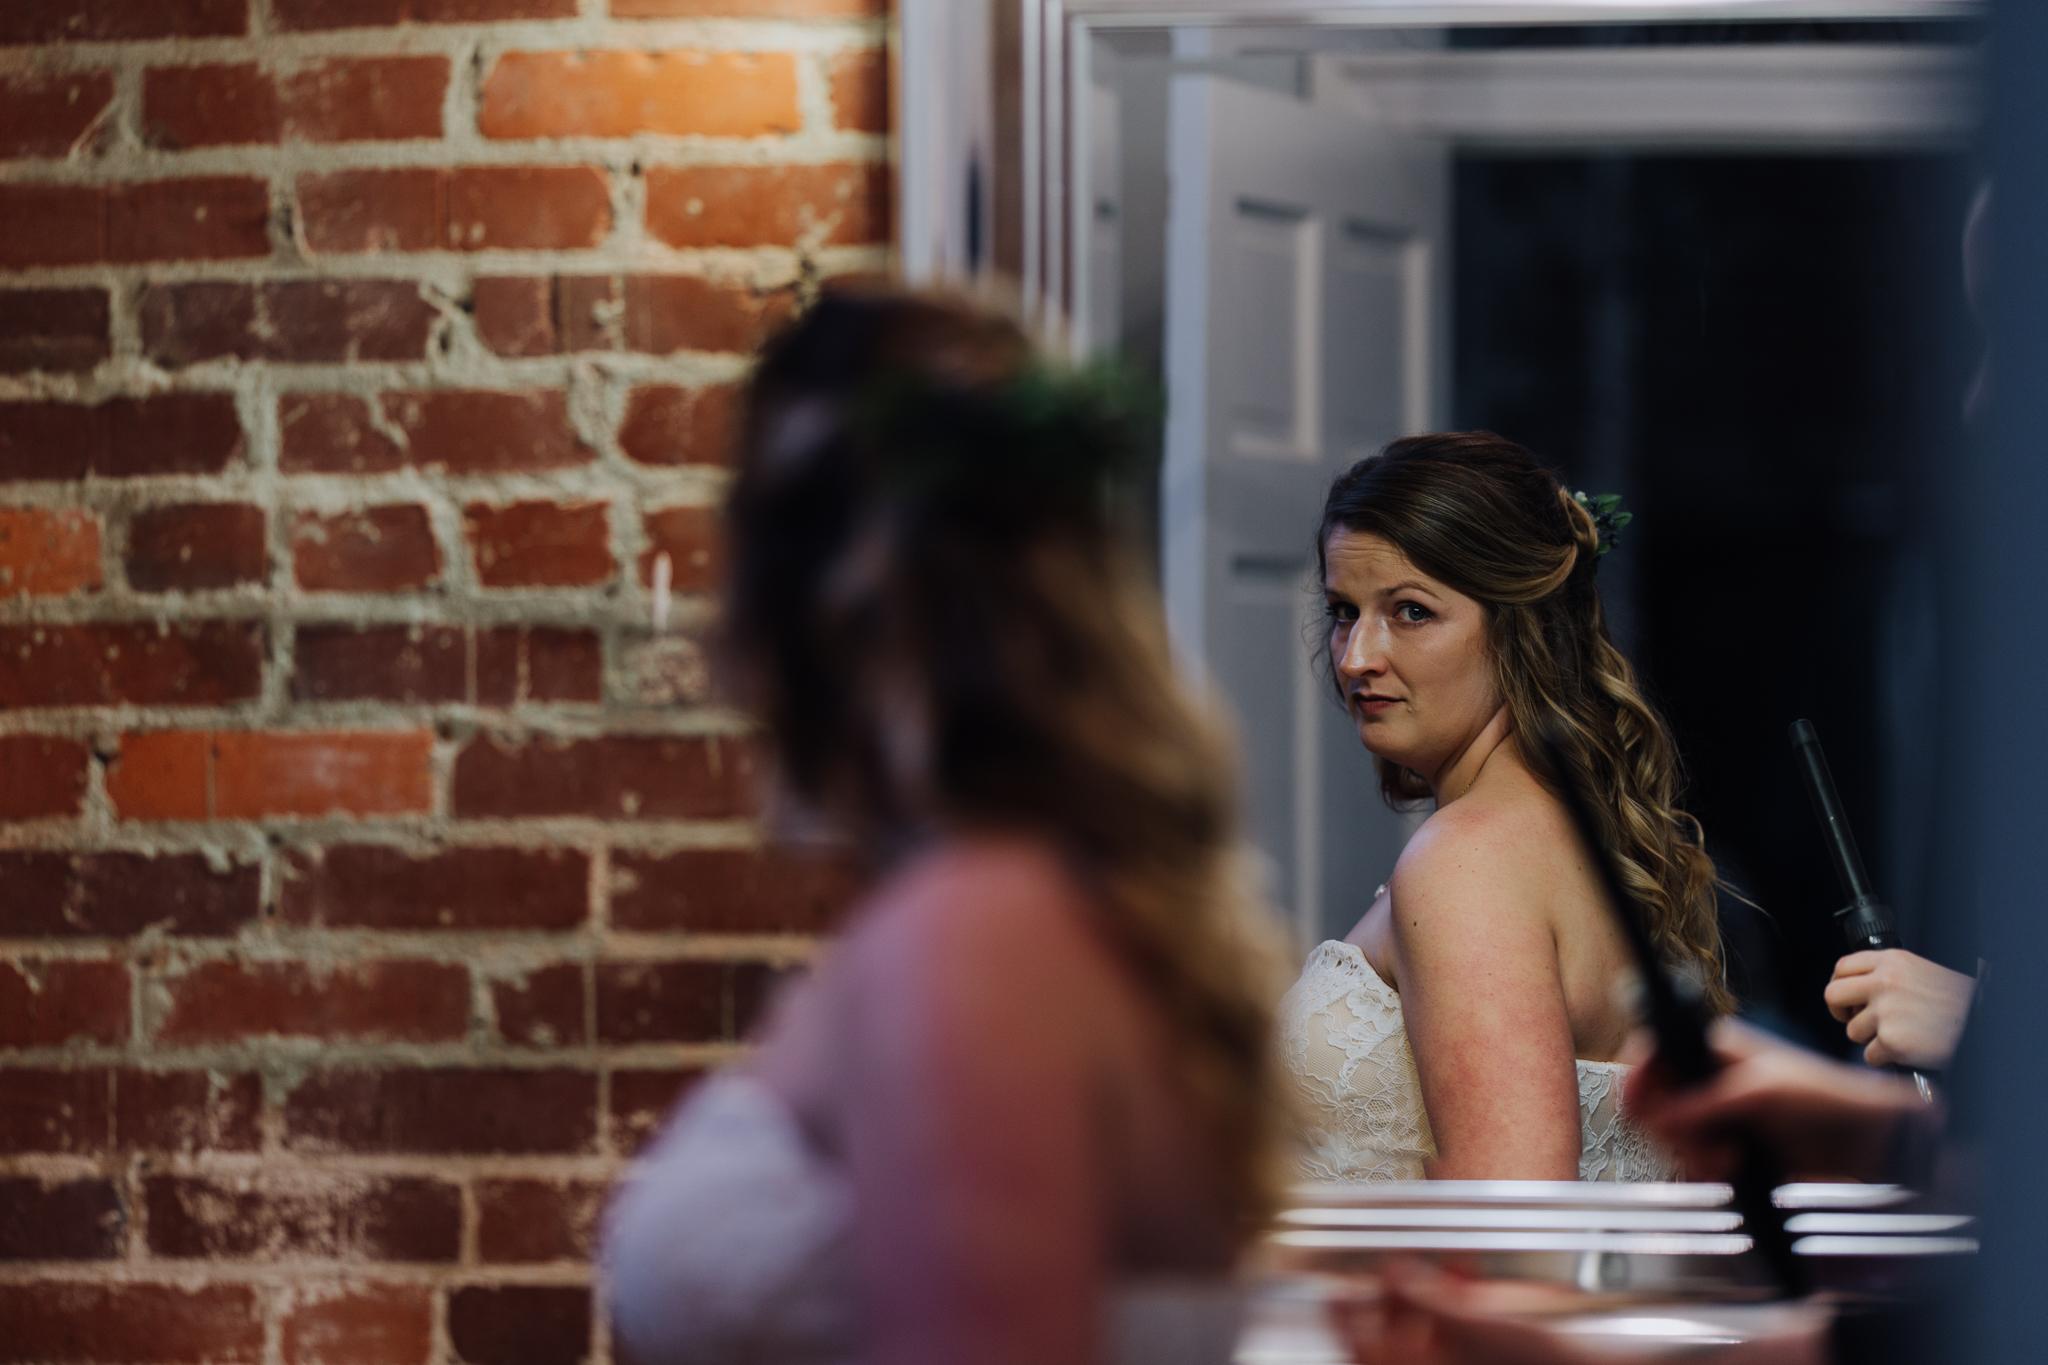 columbia-sc-wedding-photographer-winter-senates-end-downtown-16